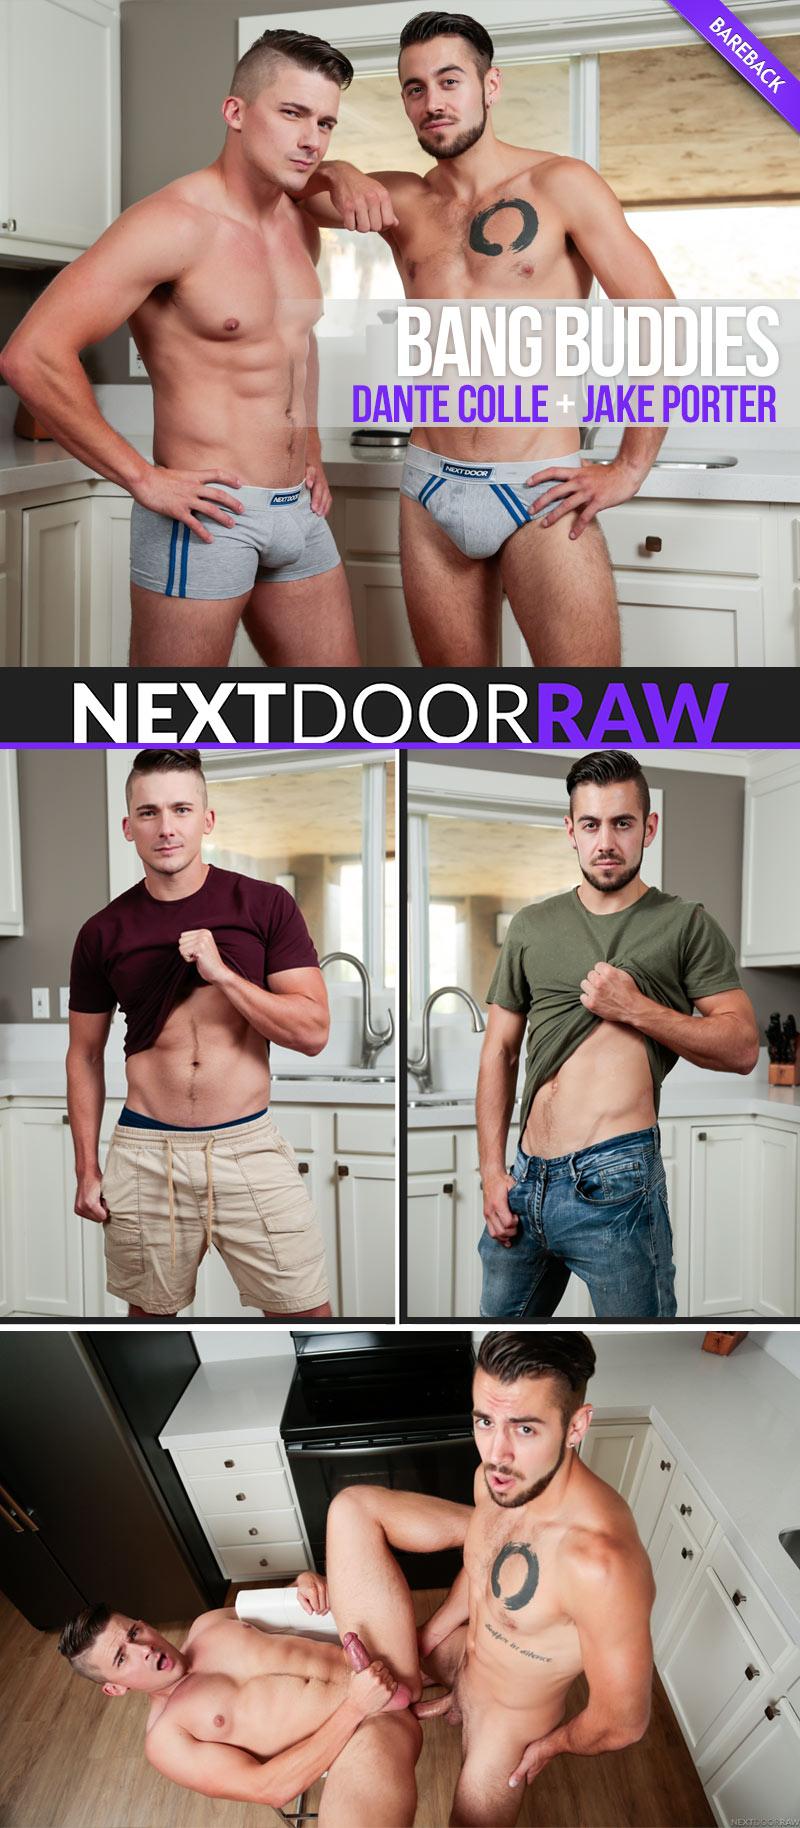 Bang Buddies (Dante Colle Fucks Jake Porter) at NextDoorRAW!